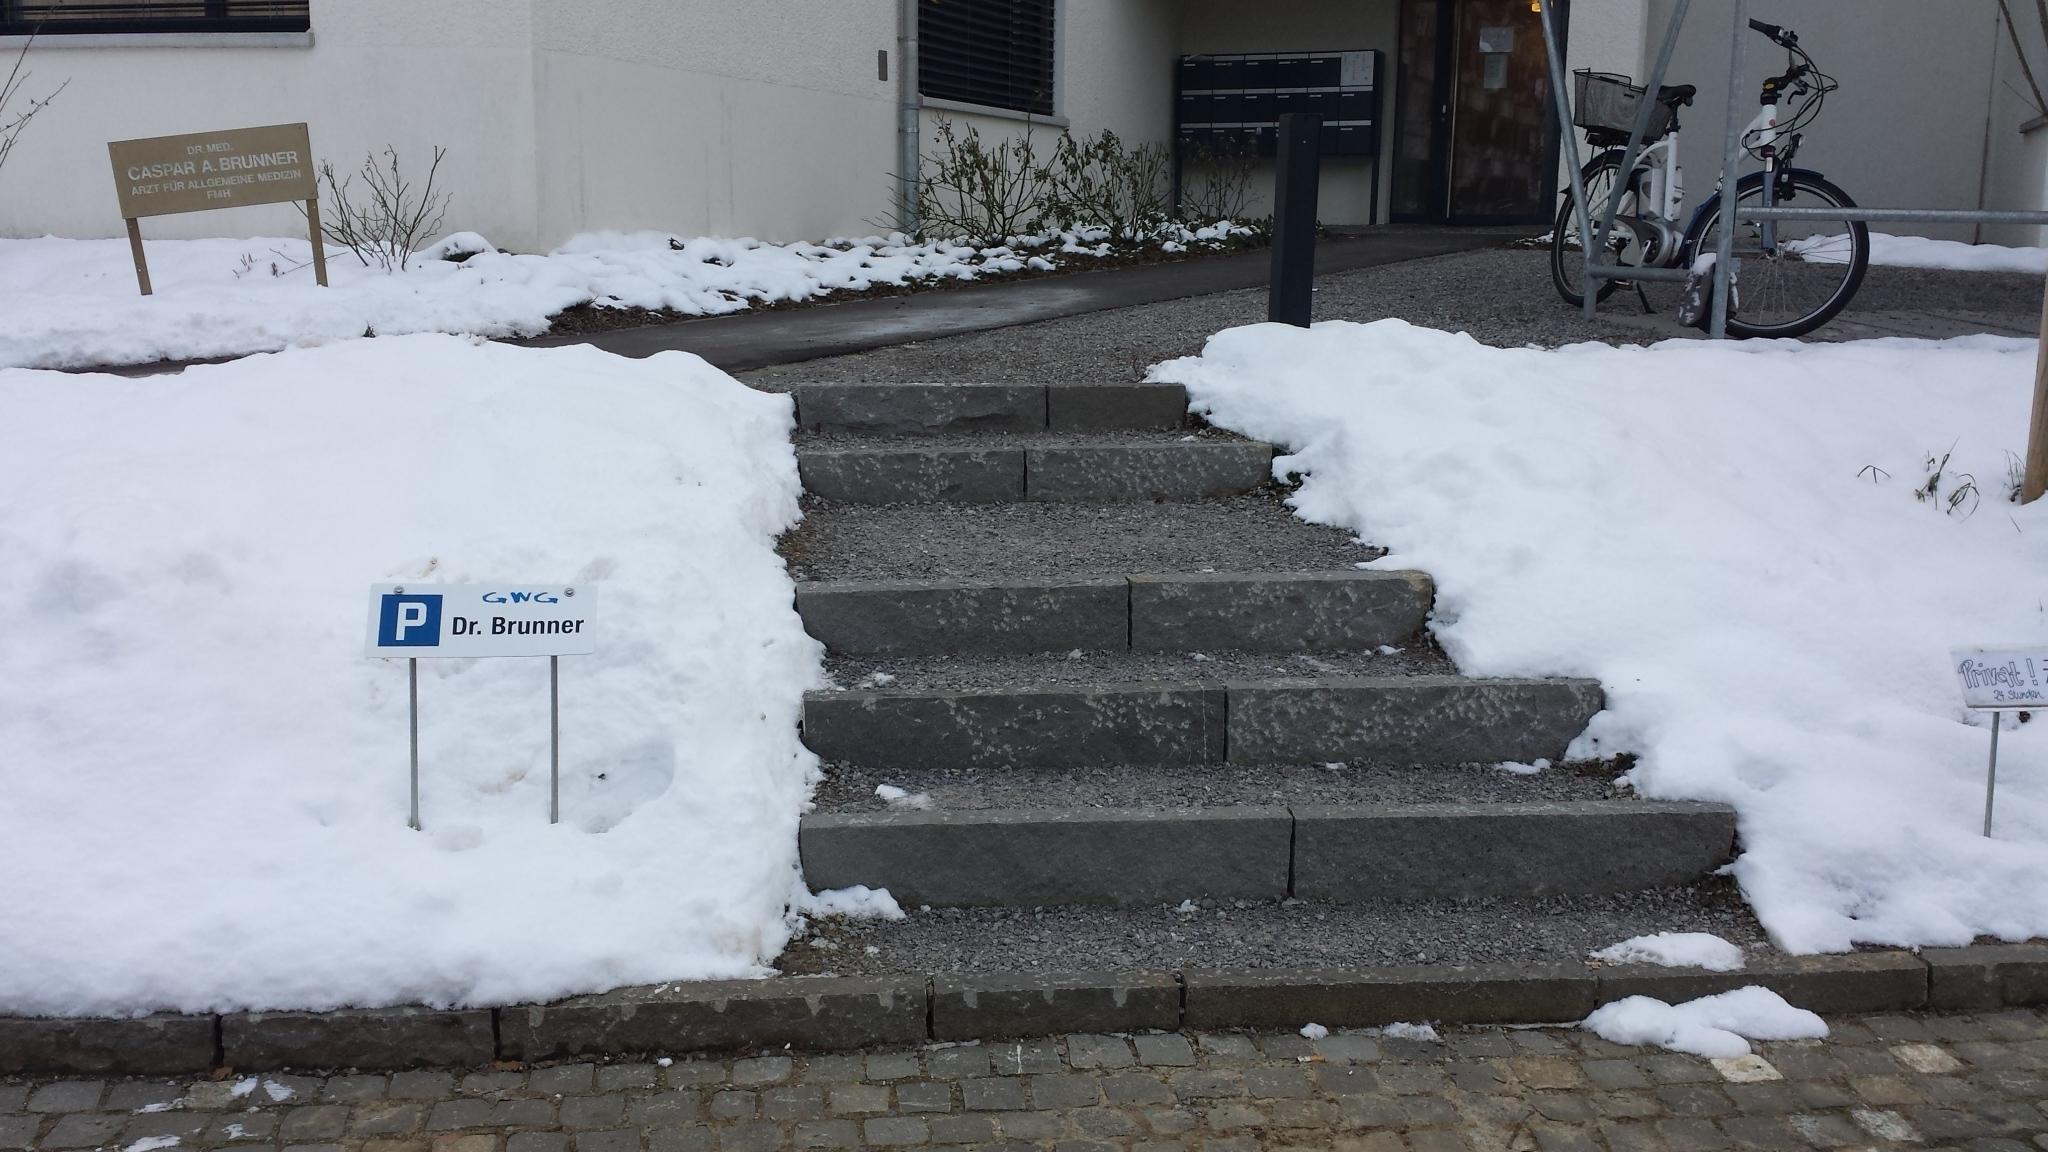 Aufgang zum Arzt ohne Handlauf an Treppen?